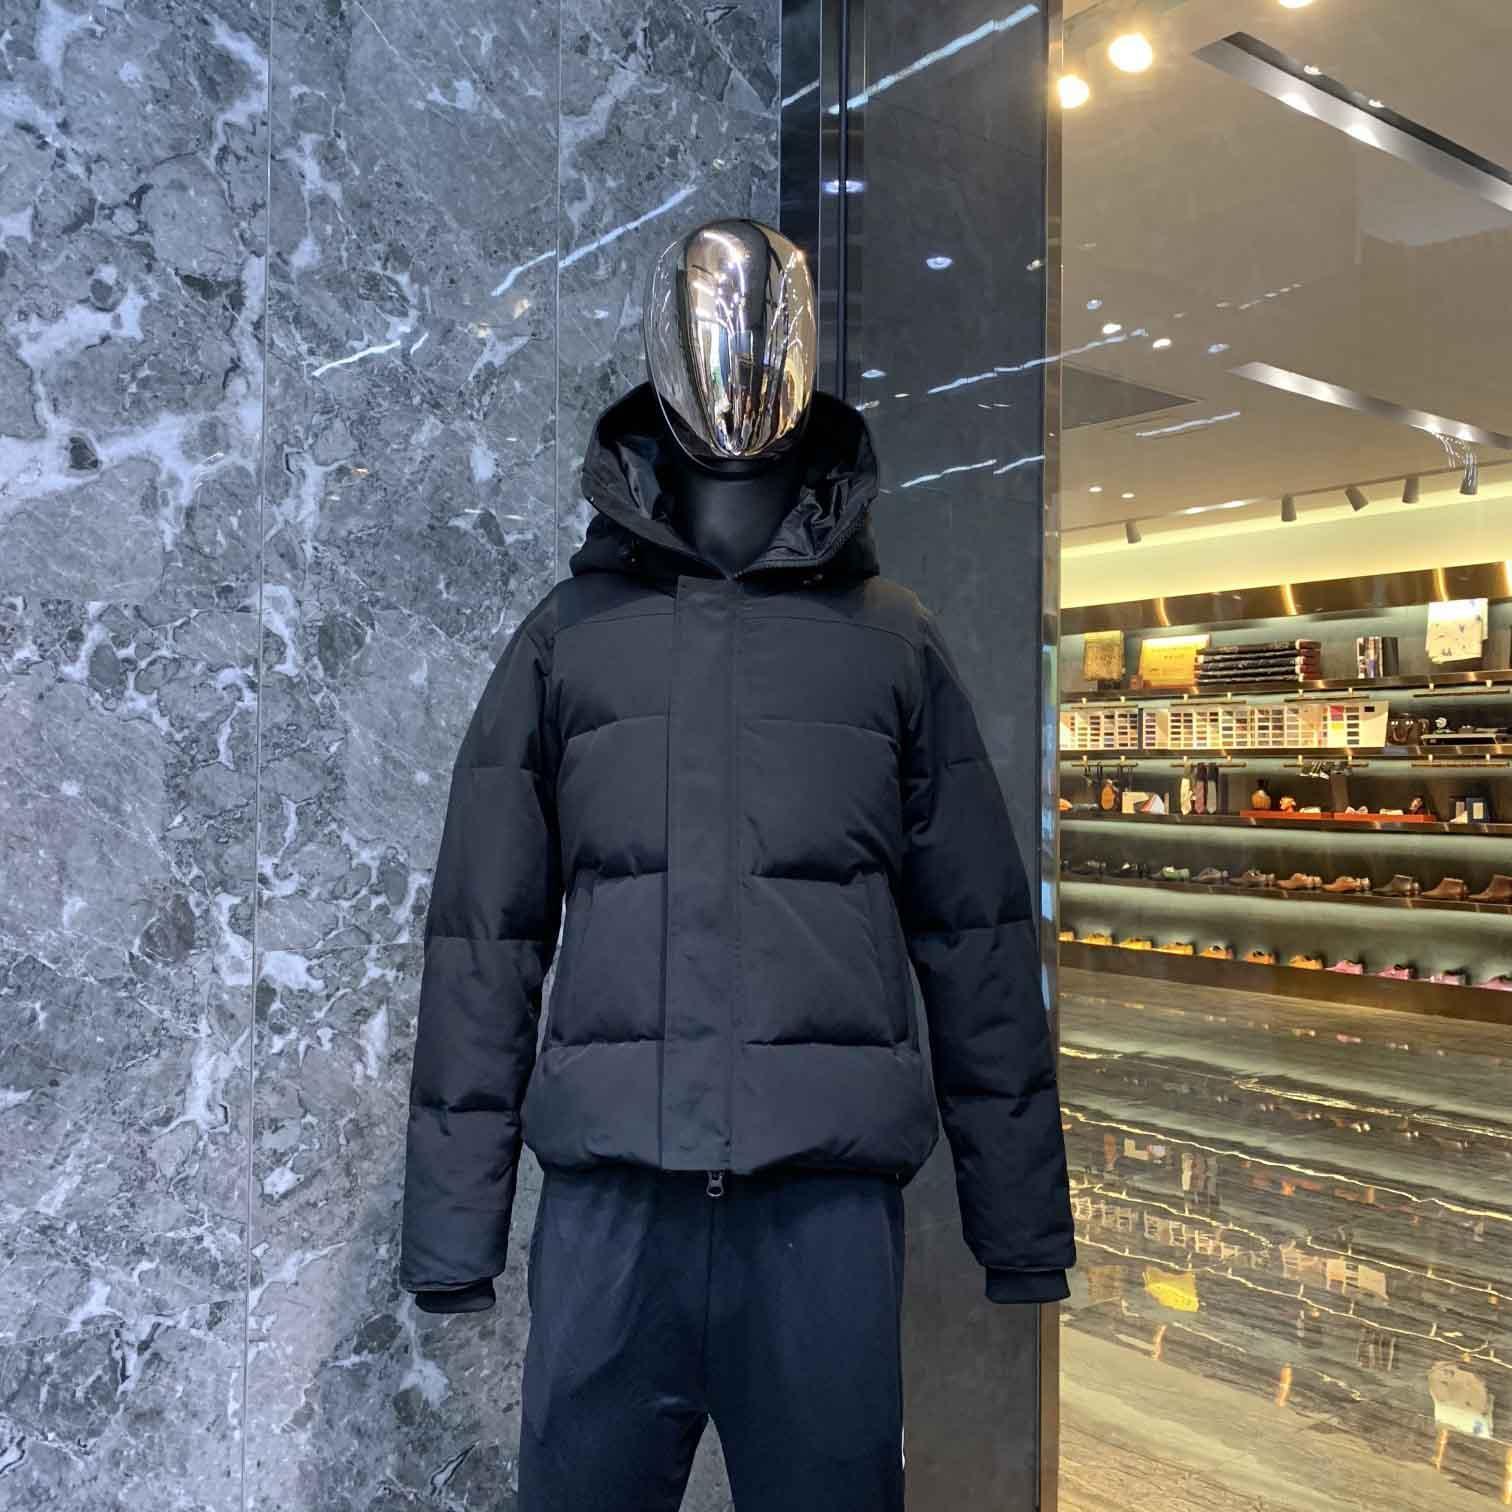 Kış aşağı ceket rüzgar geçirmez su geçirmez sıcak ceket gerçek kaz yüksek kaliteli parka satış kapüşonlu moda erkek tarzı